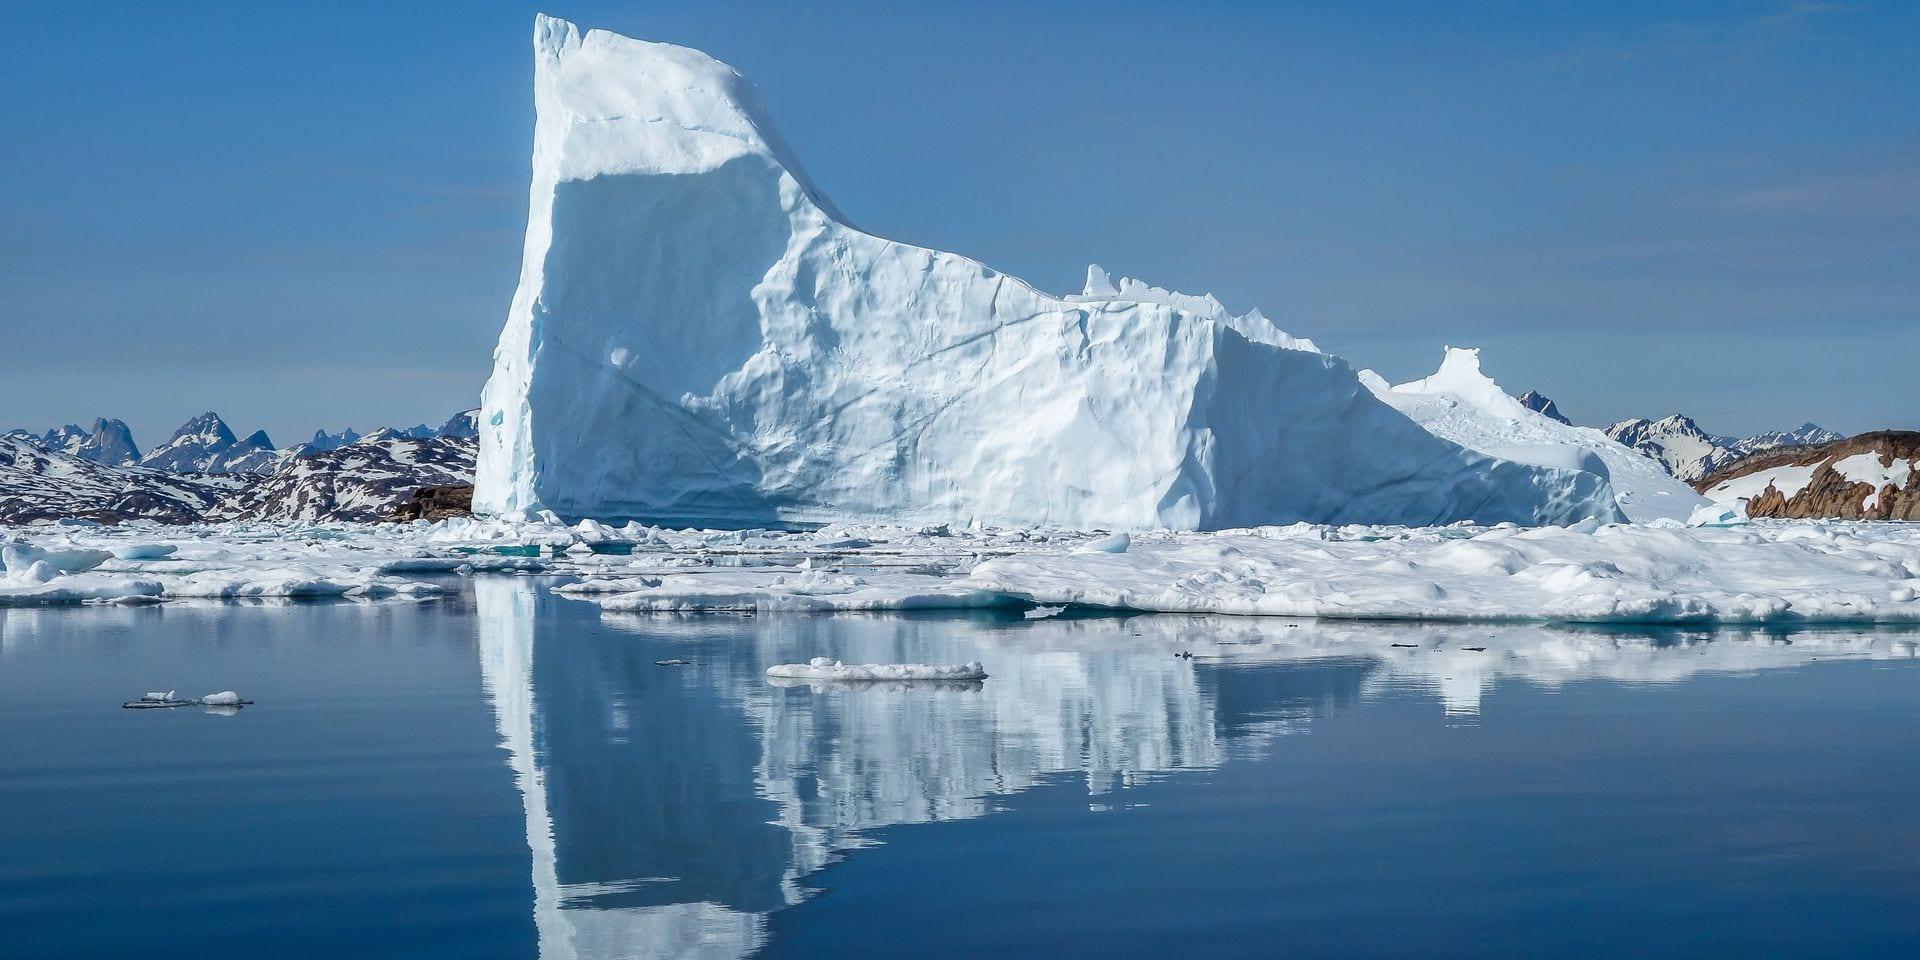 La banquise arctique, bouclier climatique, inquiète: des chercheurs belges lancent un avertissement